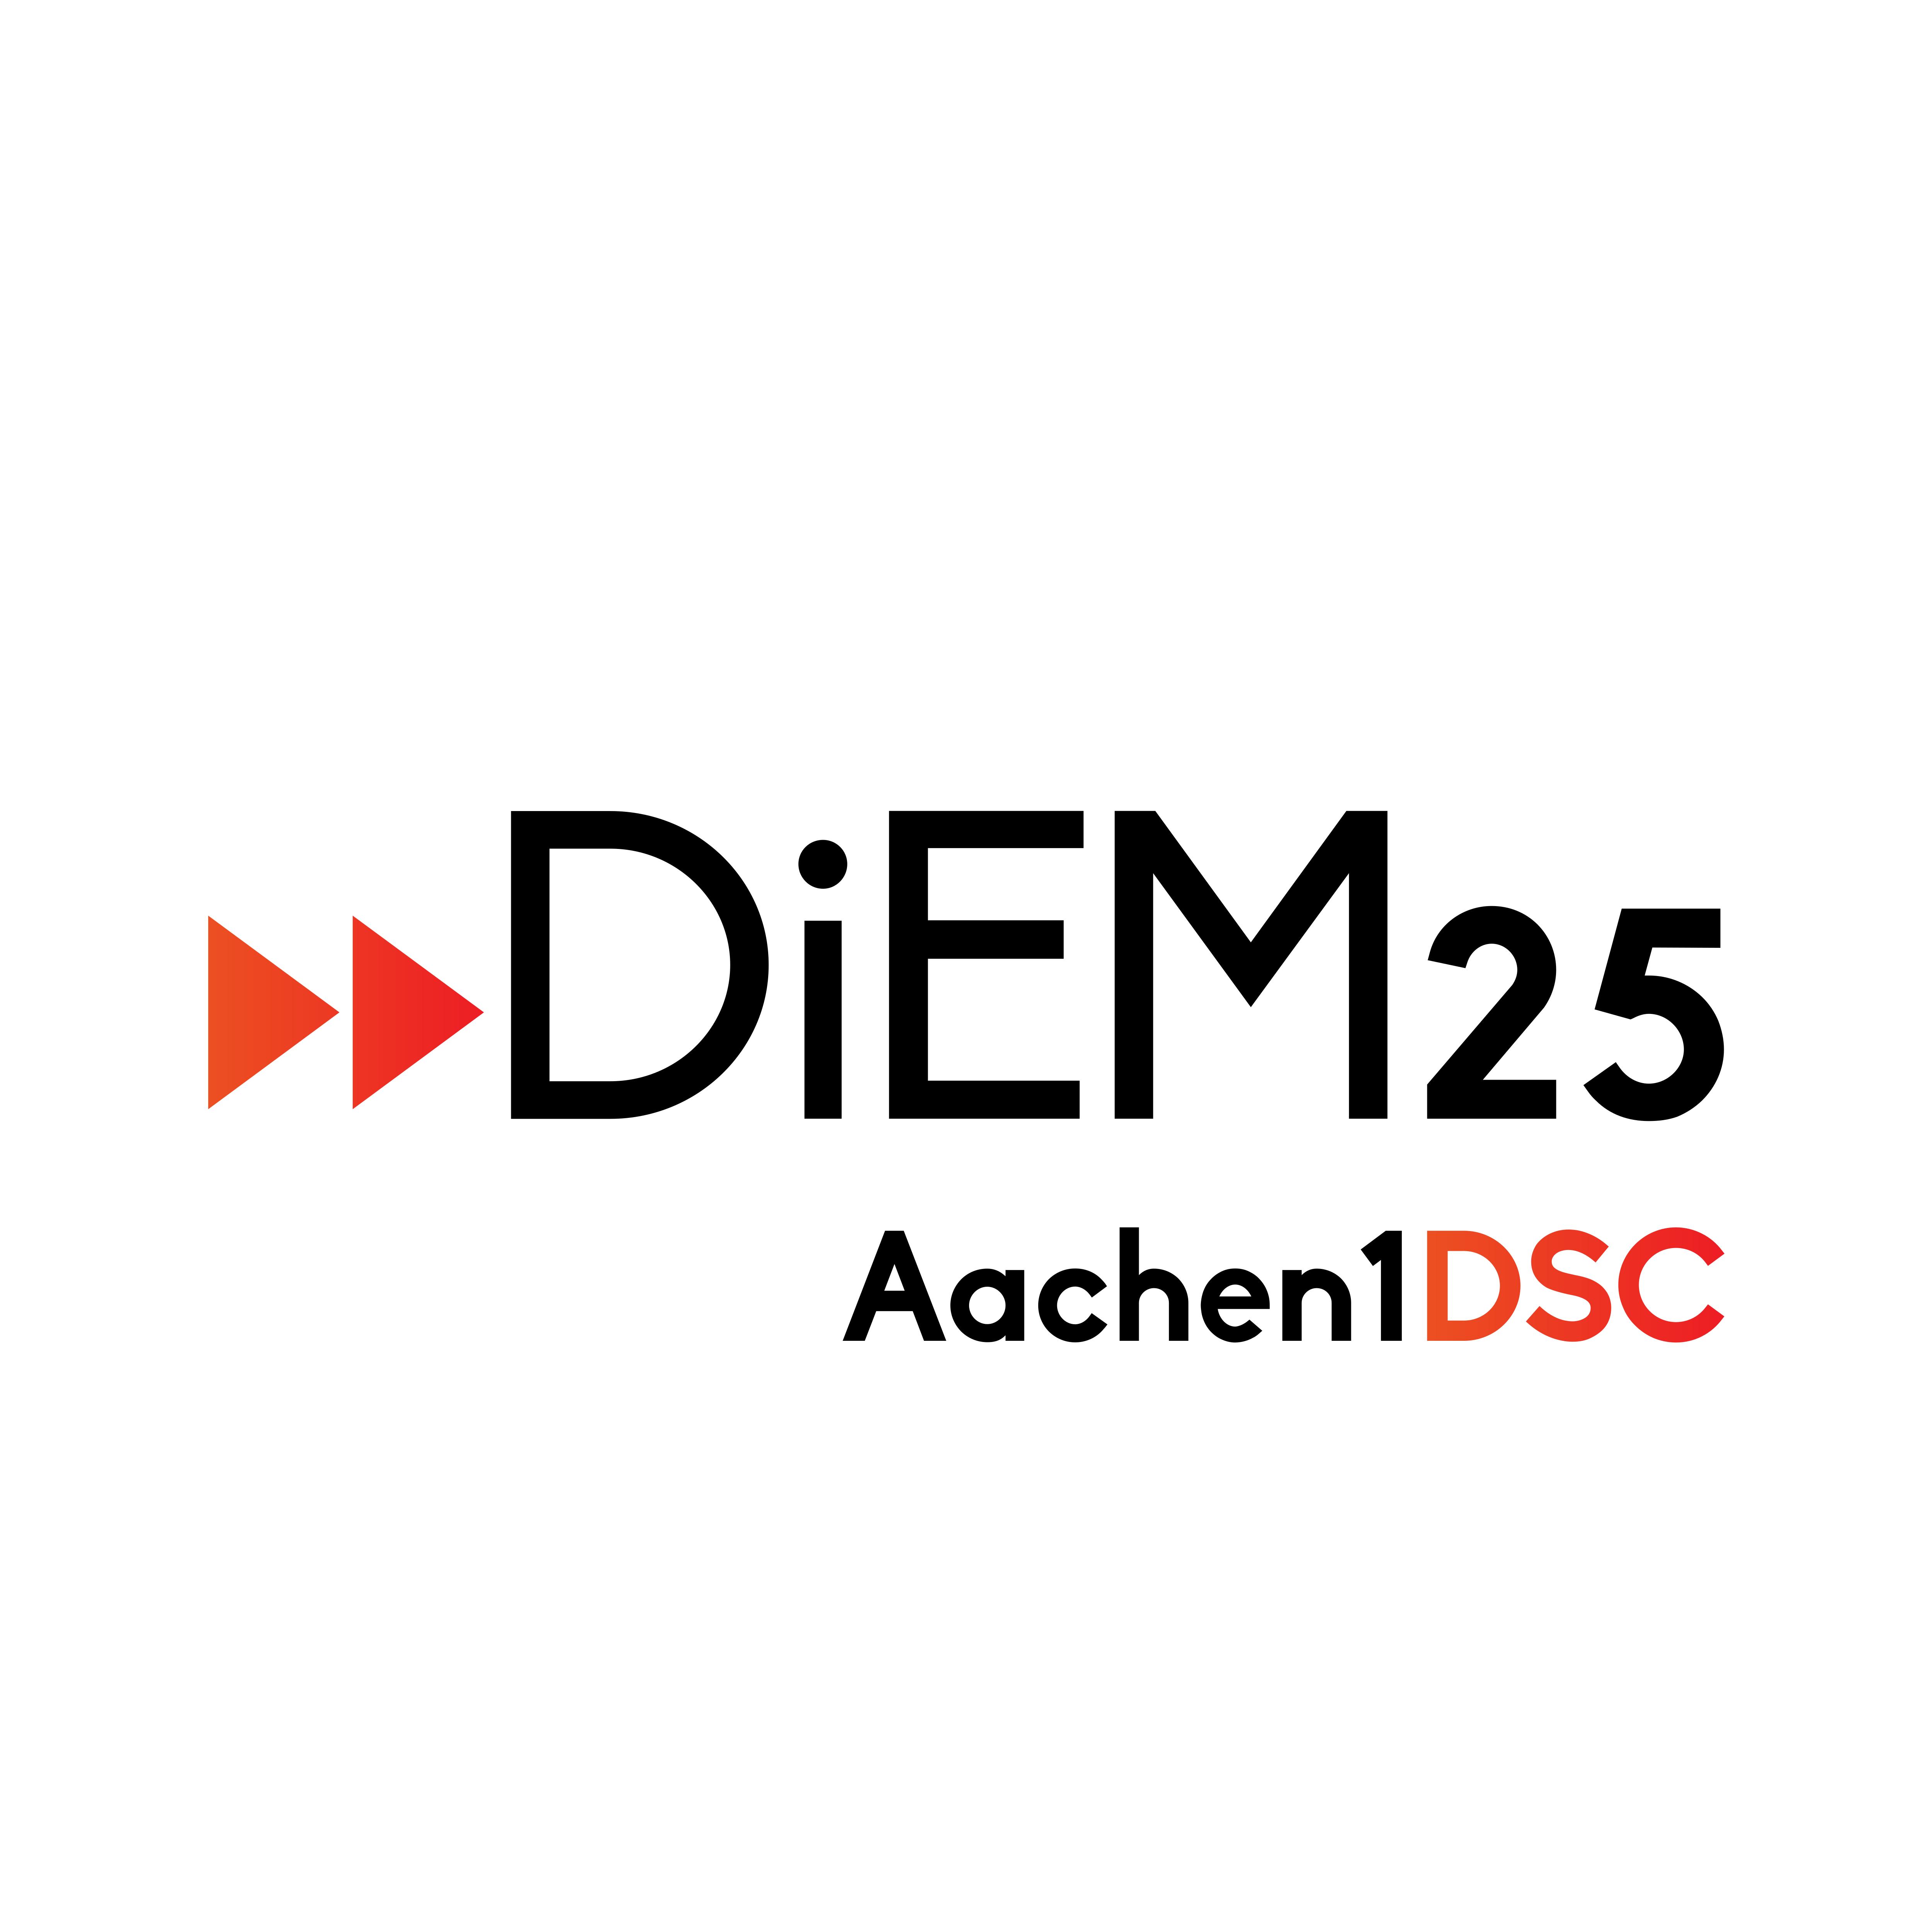 Erste Infoveranstaltung des DSC Aachen/Euregio